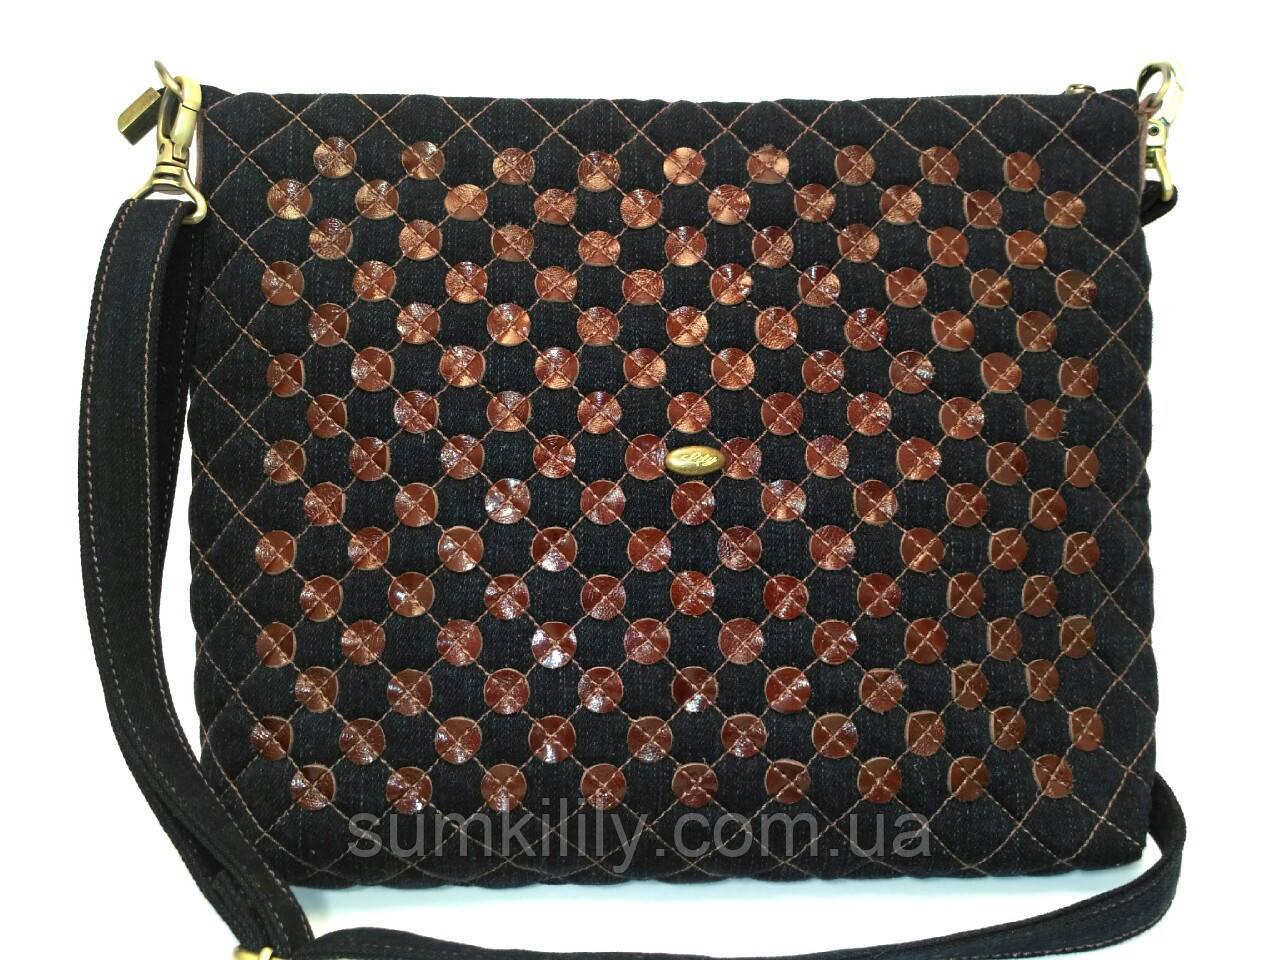 Джинсовая сумочка Франка